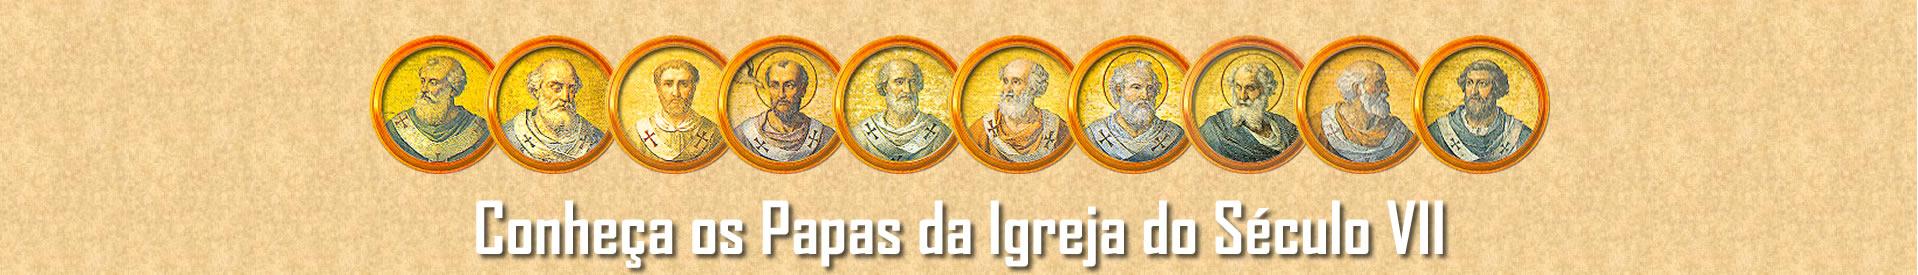 Papas do Século VII